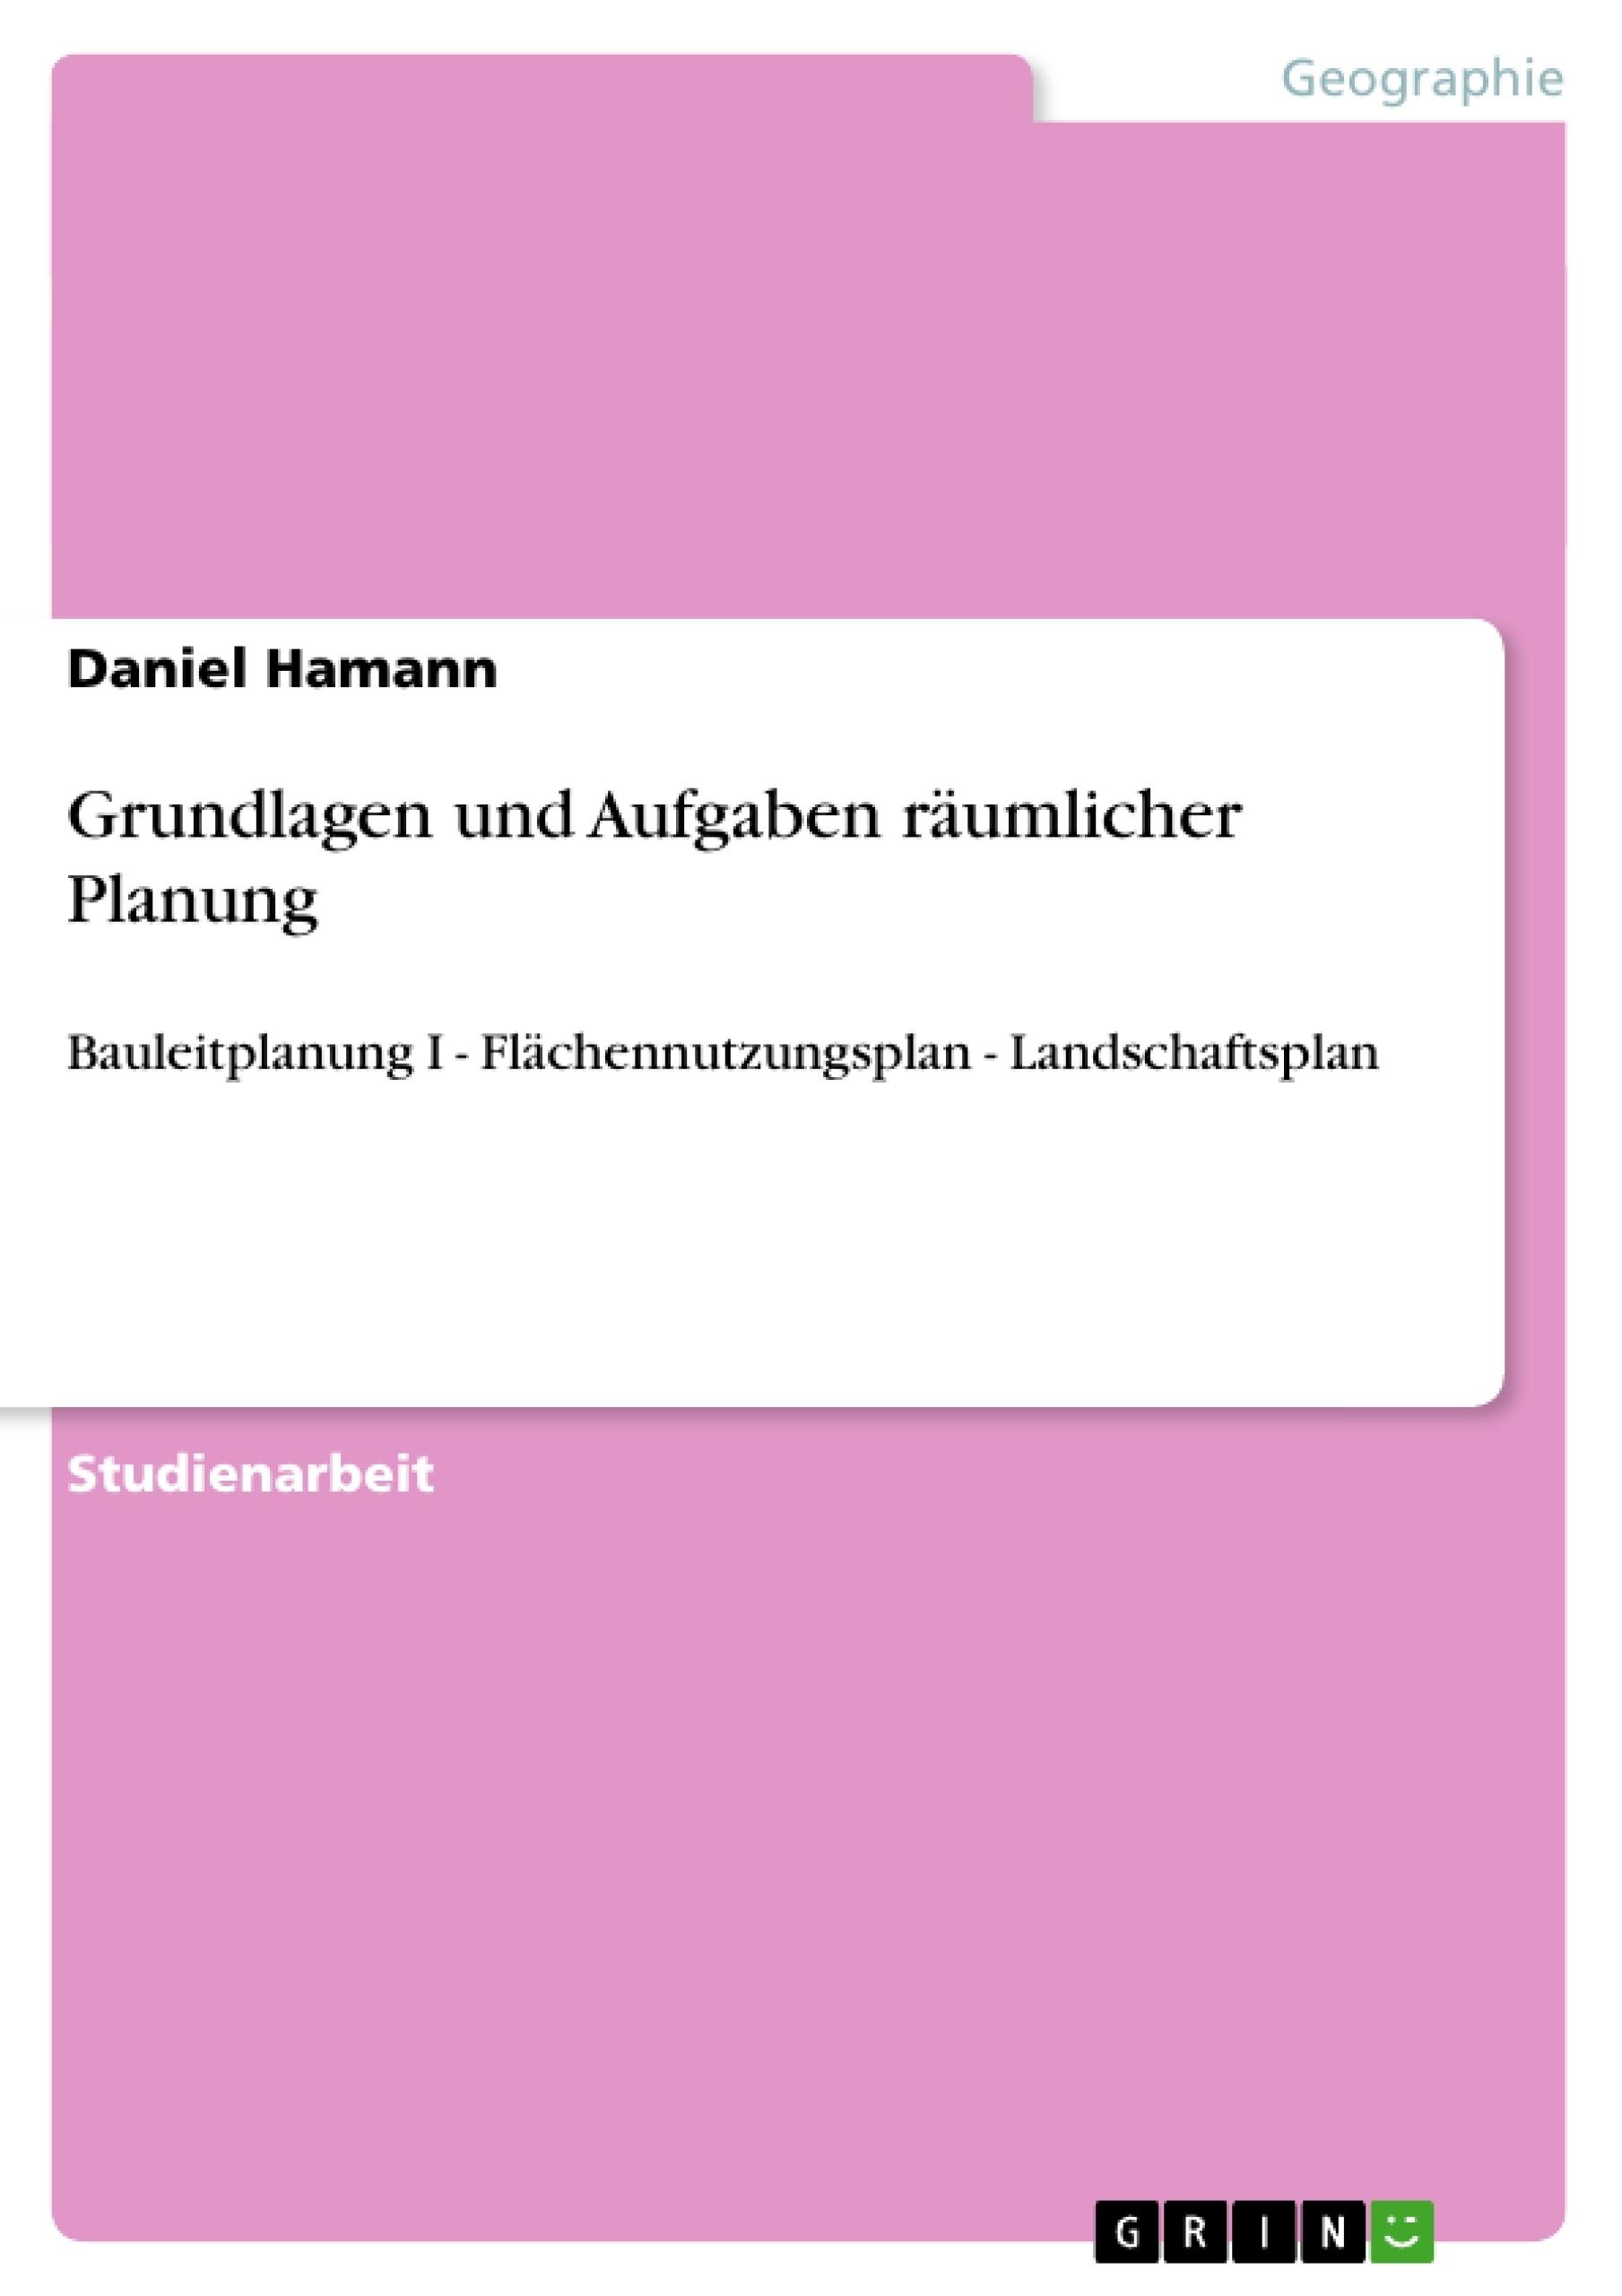 Titel: Grundlagen und Aufgaben räumlicher Planung